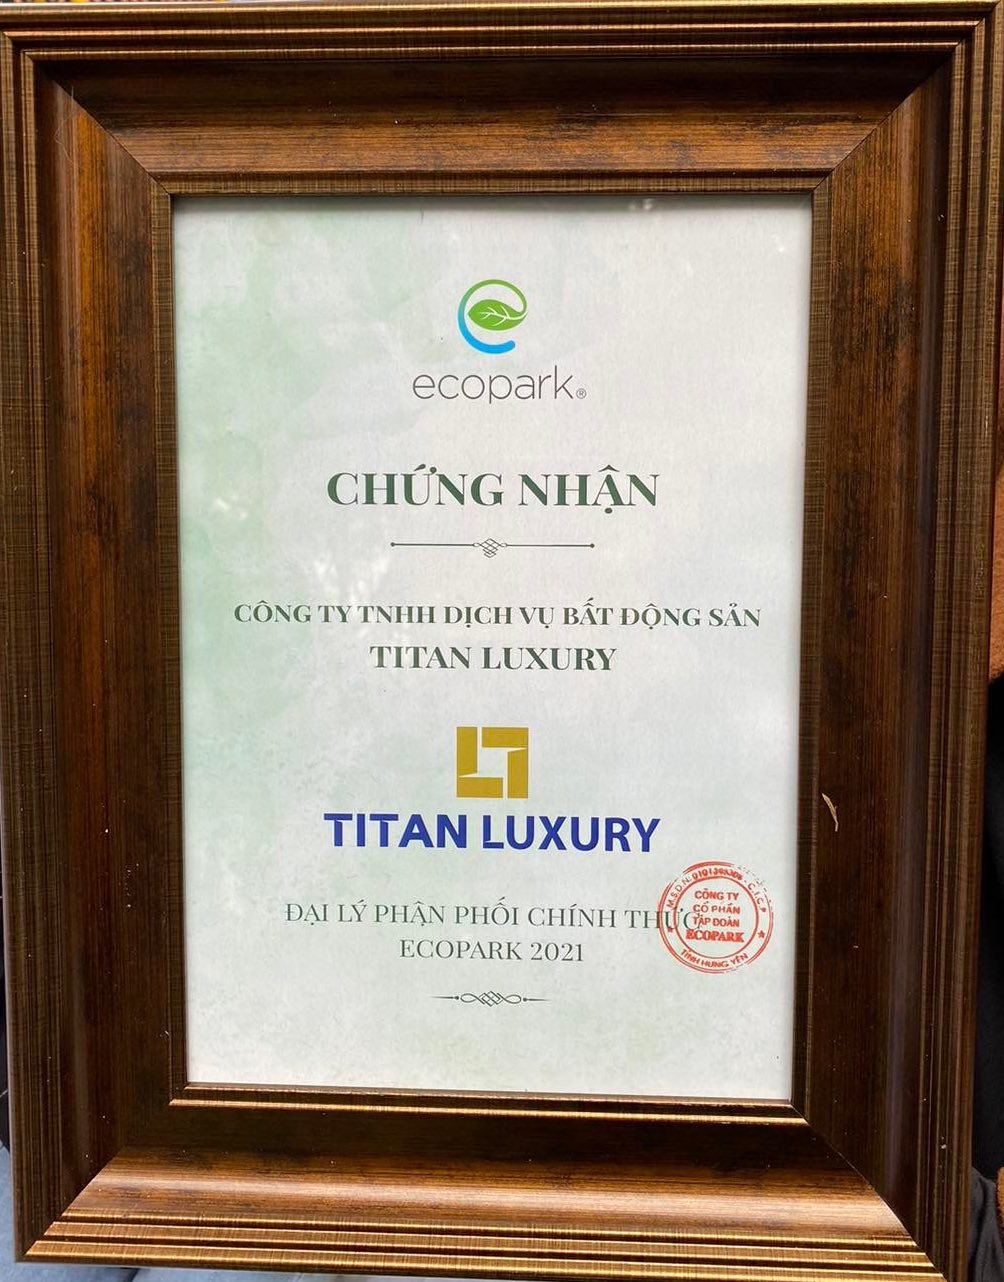 Titan tiếp tục là đại lý phân phối chính thức các dự án của Ecopark năm 2021